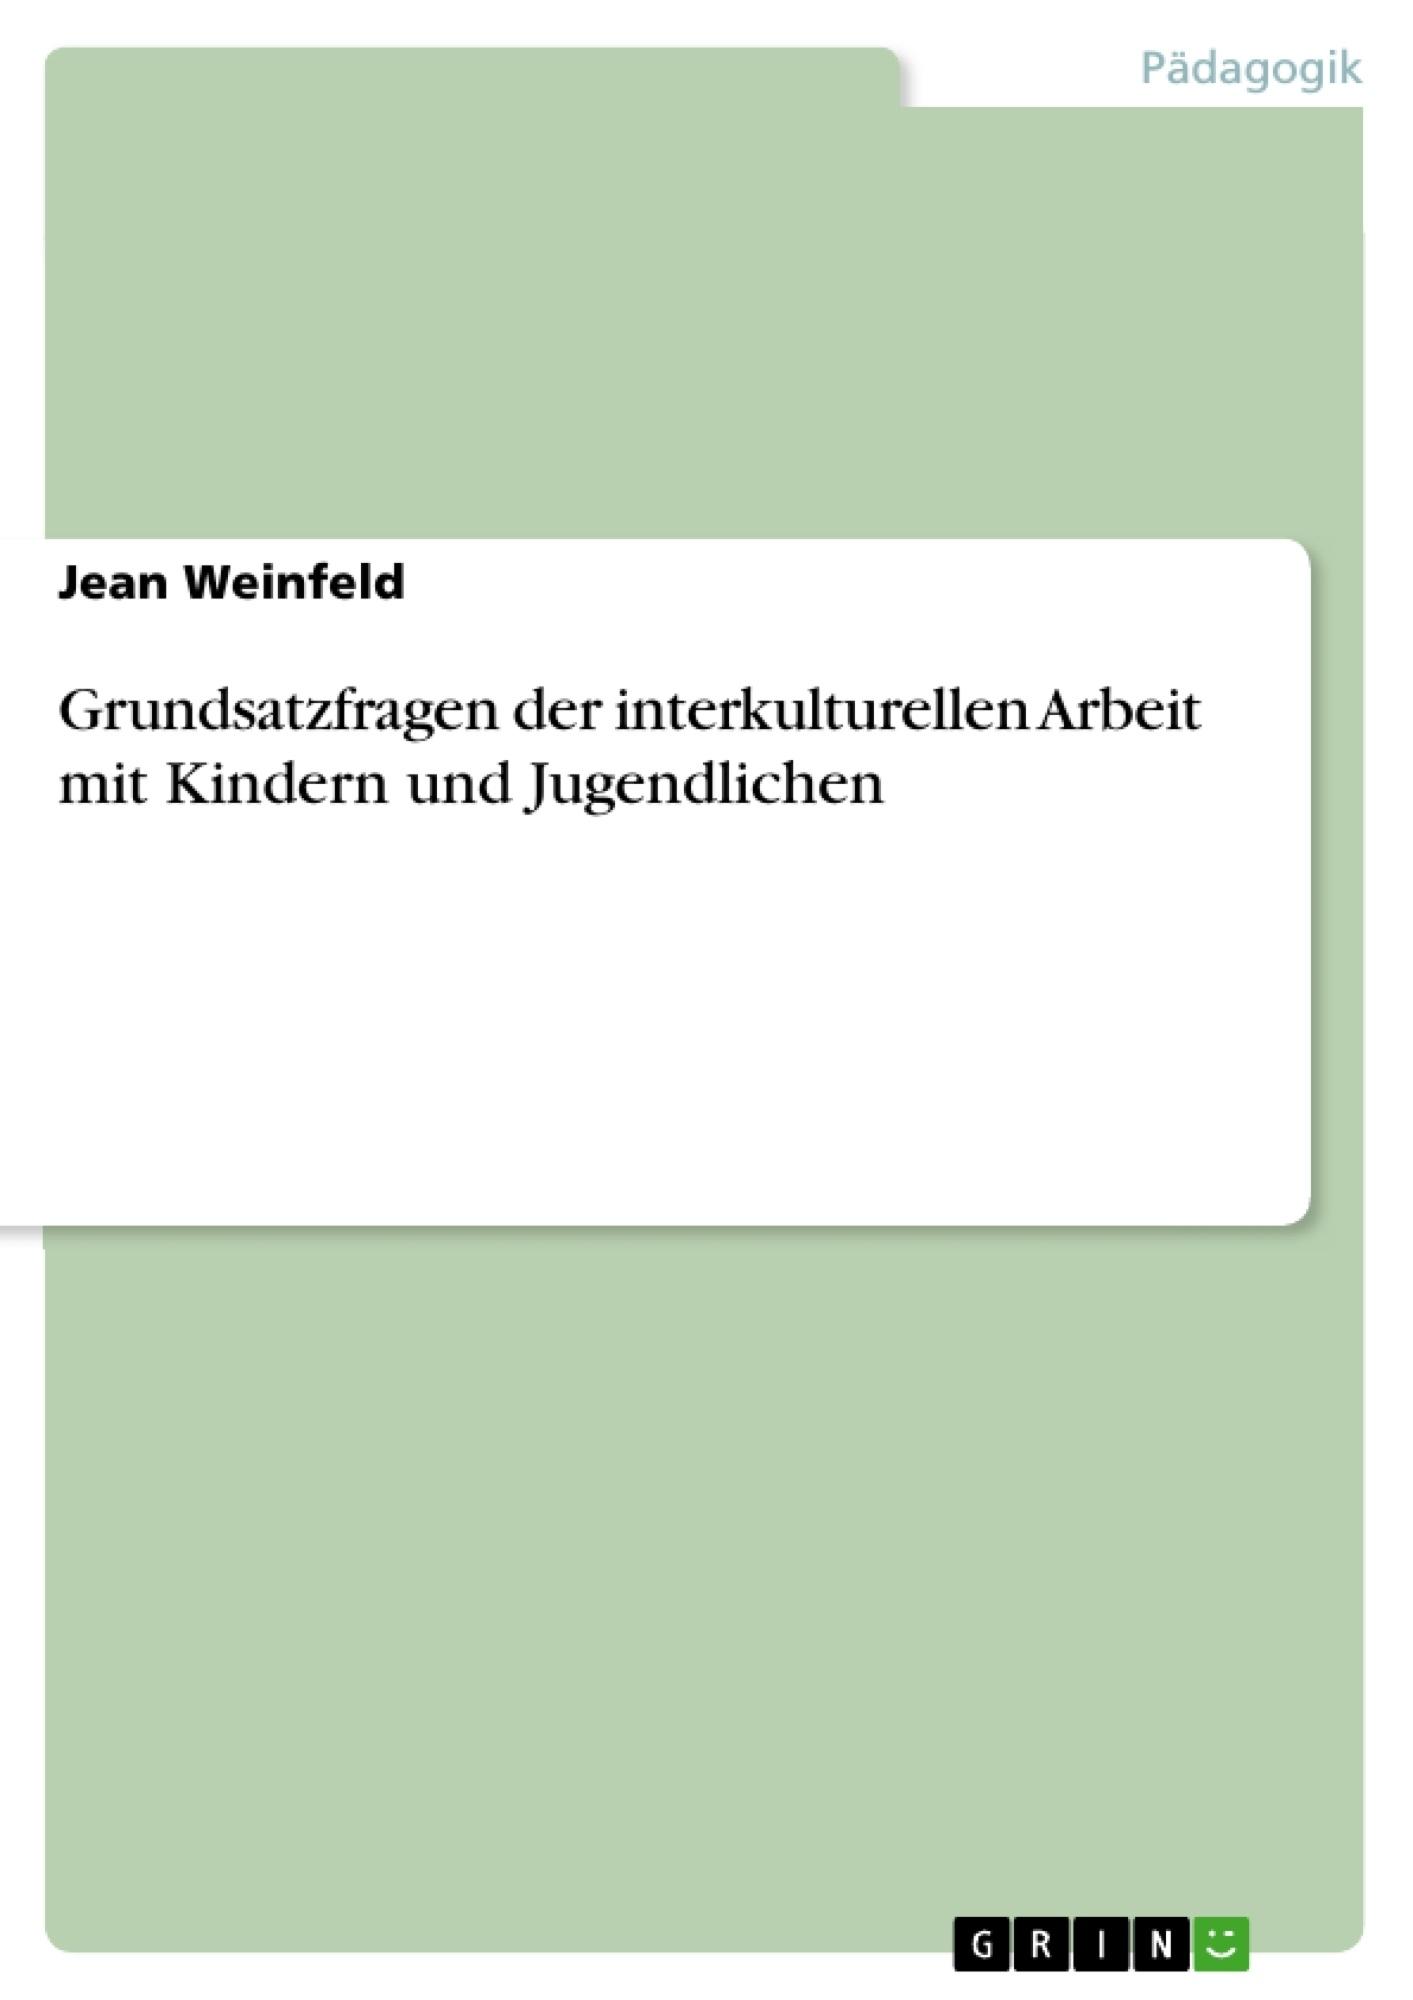 Titel: Grundsatzfragen der interkulturellen Arbeit mit Kindern und Jugendlichen